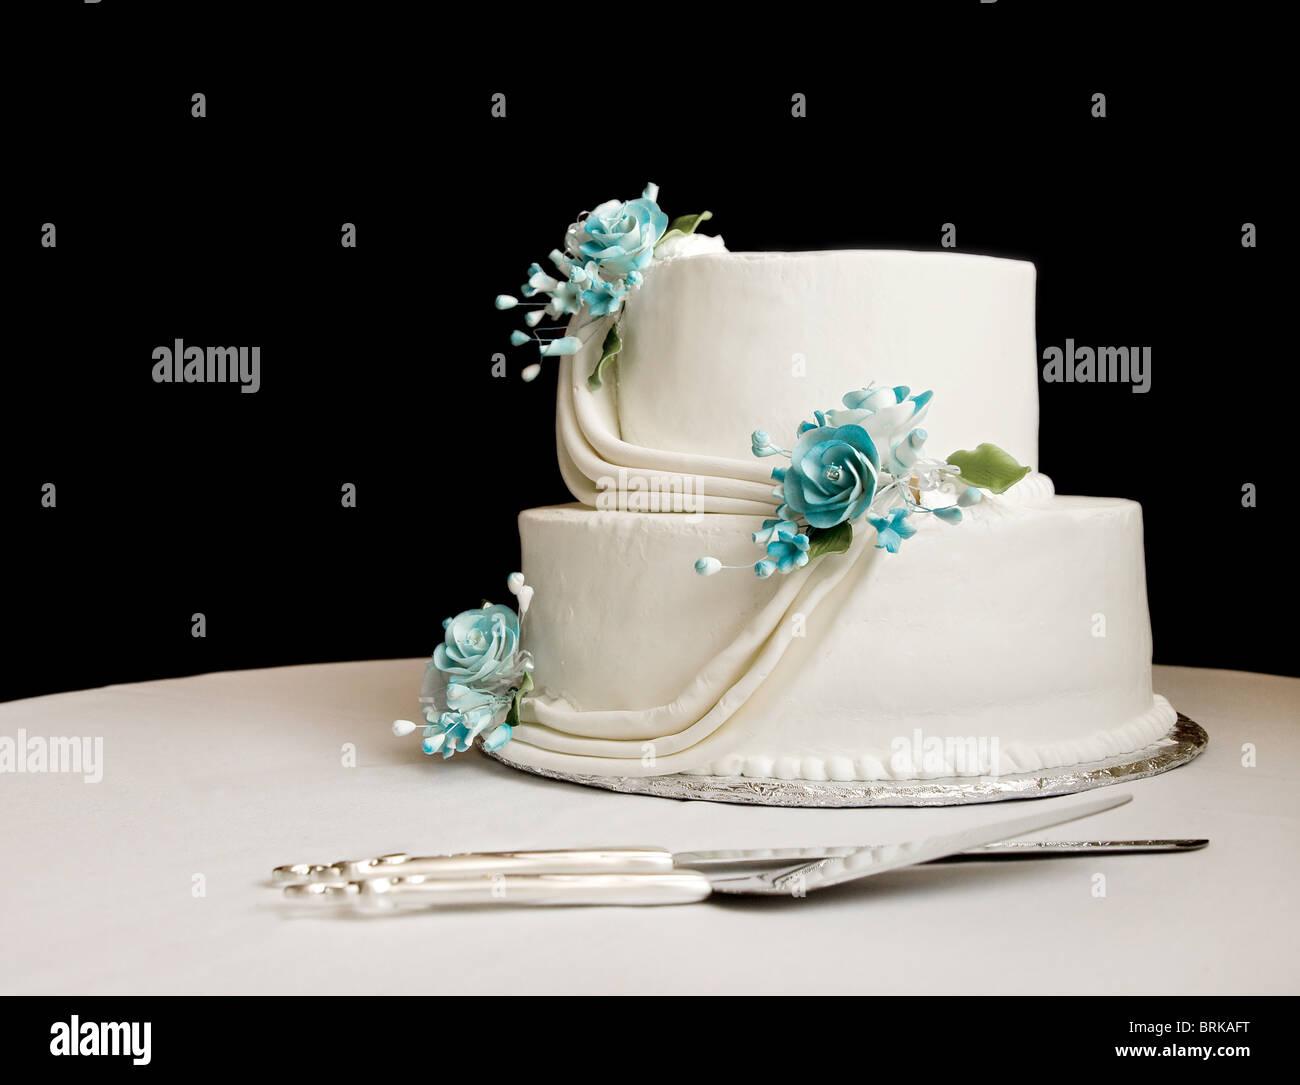 Weisse Hochzeitstorte Mit Blauen Blumen Auf Einem Tisch Mit Schwarzem